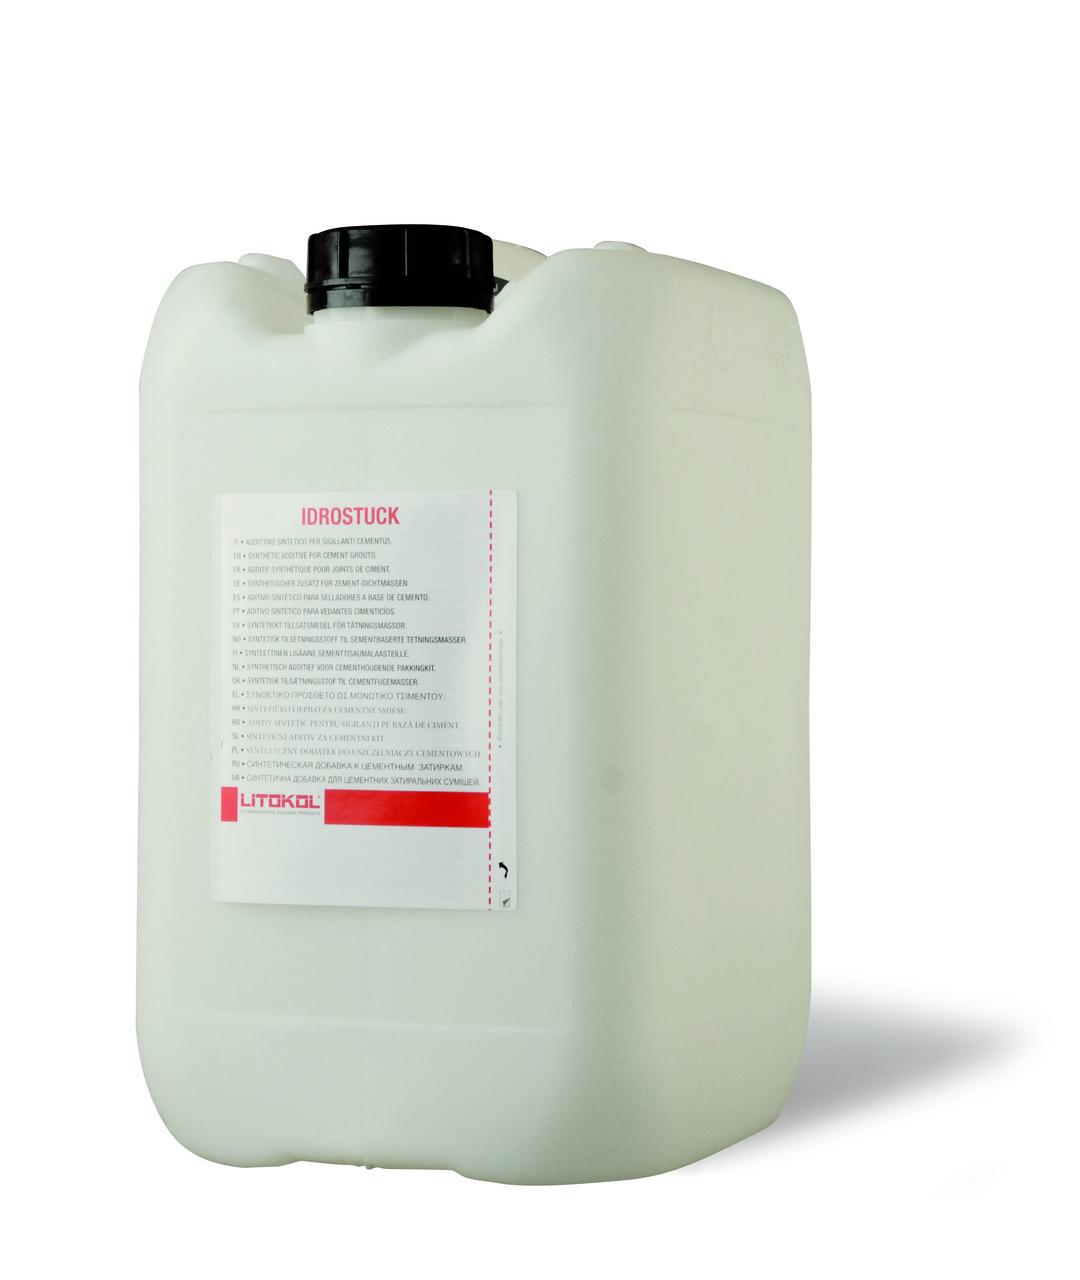 Добавка латексная Litokol Idrostuk(литокол идростук) 5кг для затирок цементных